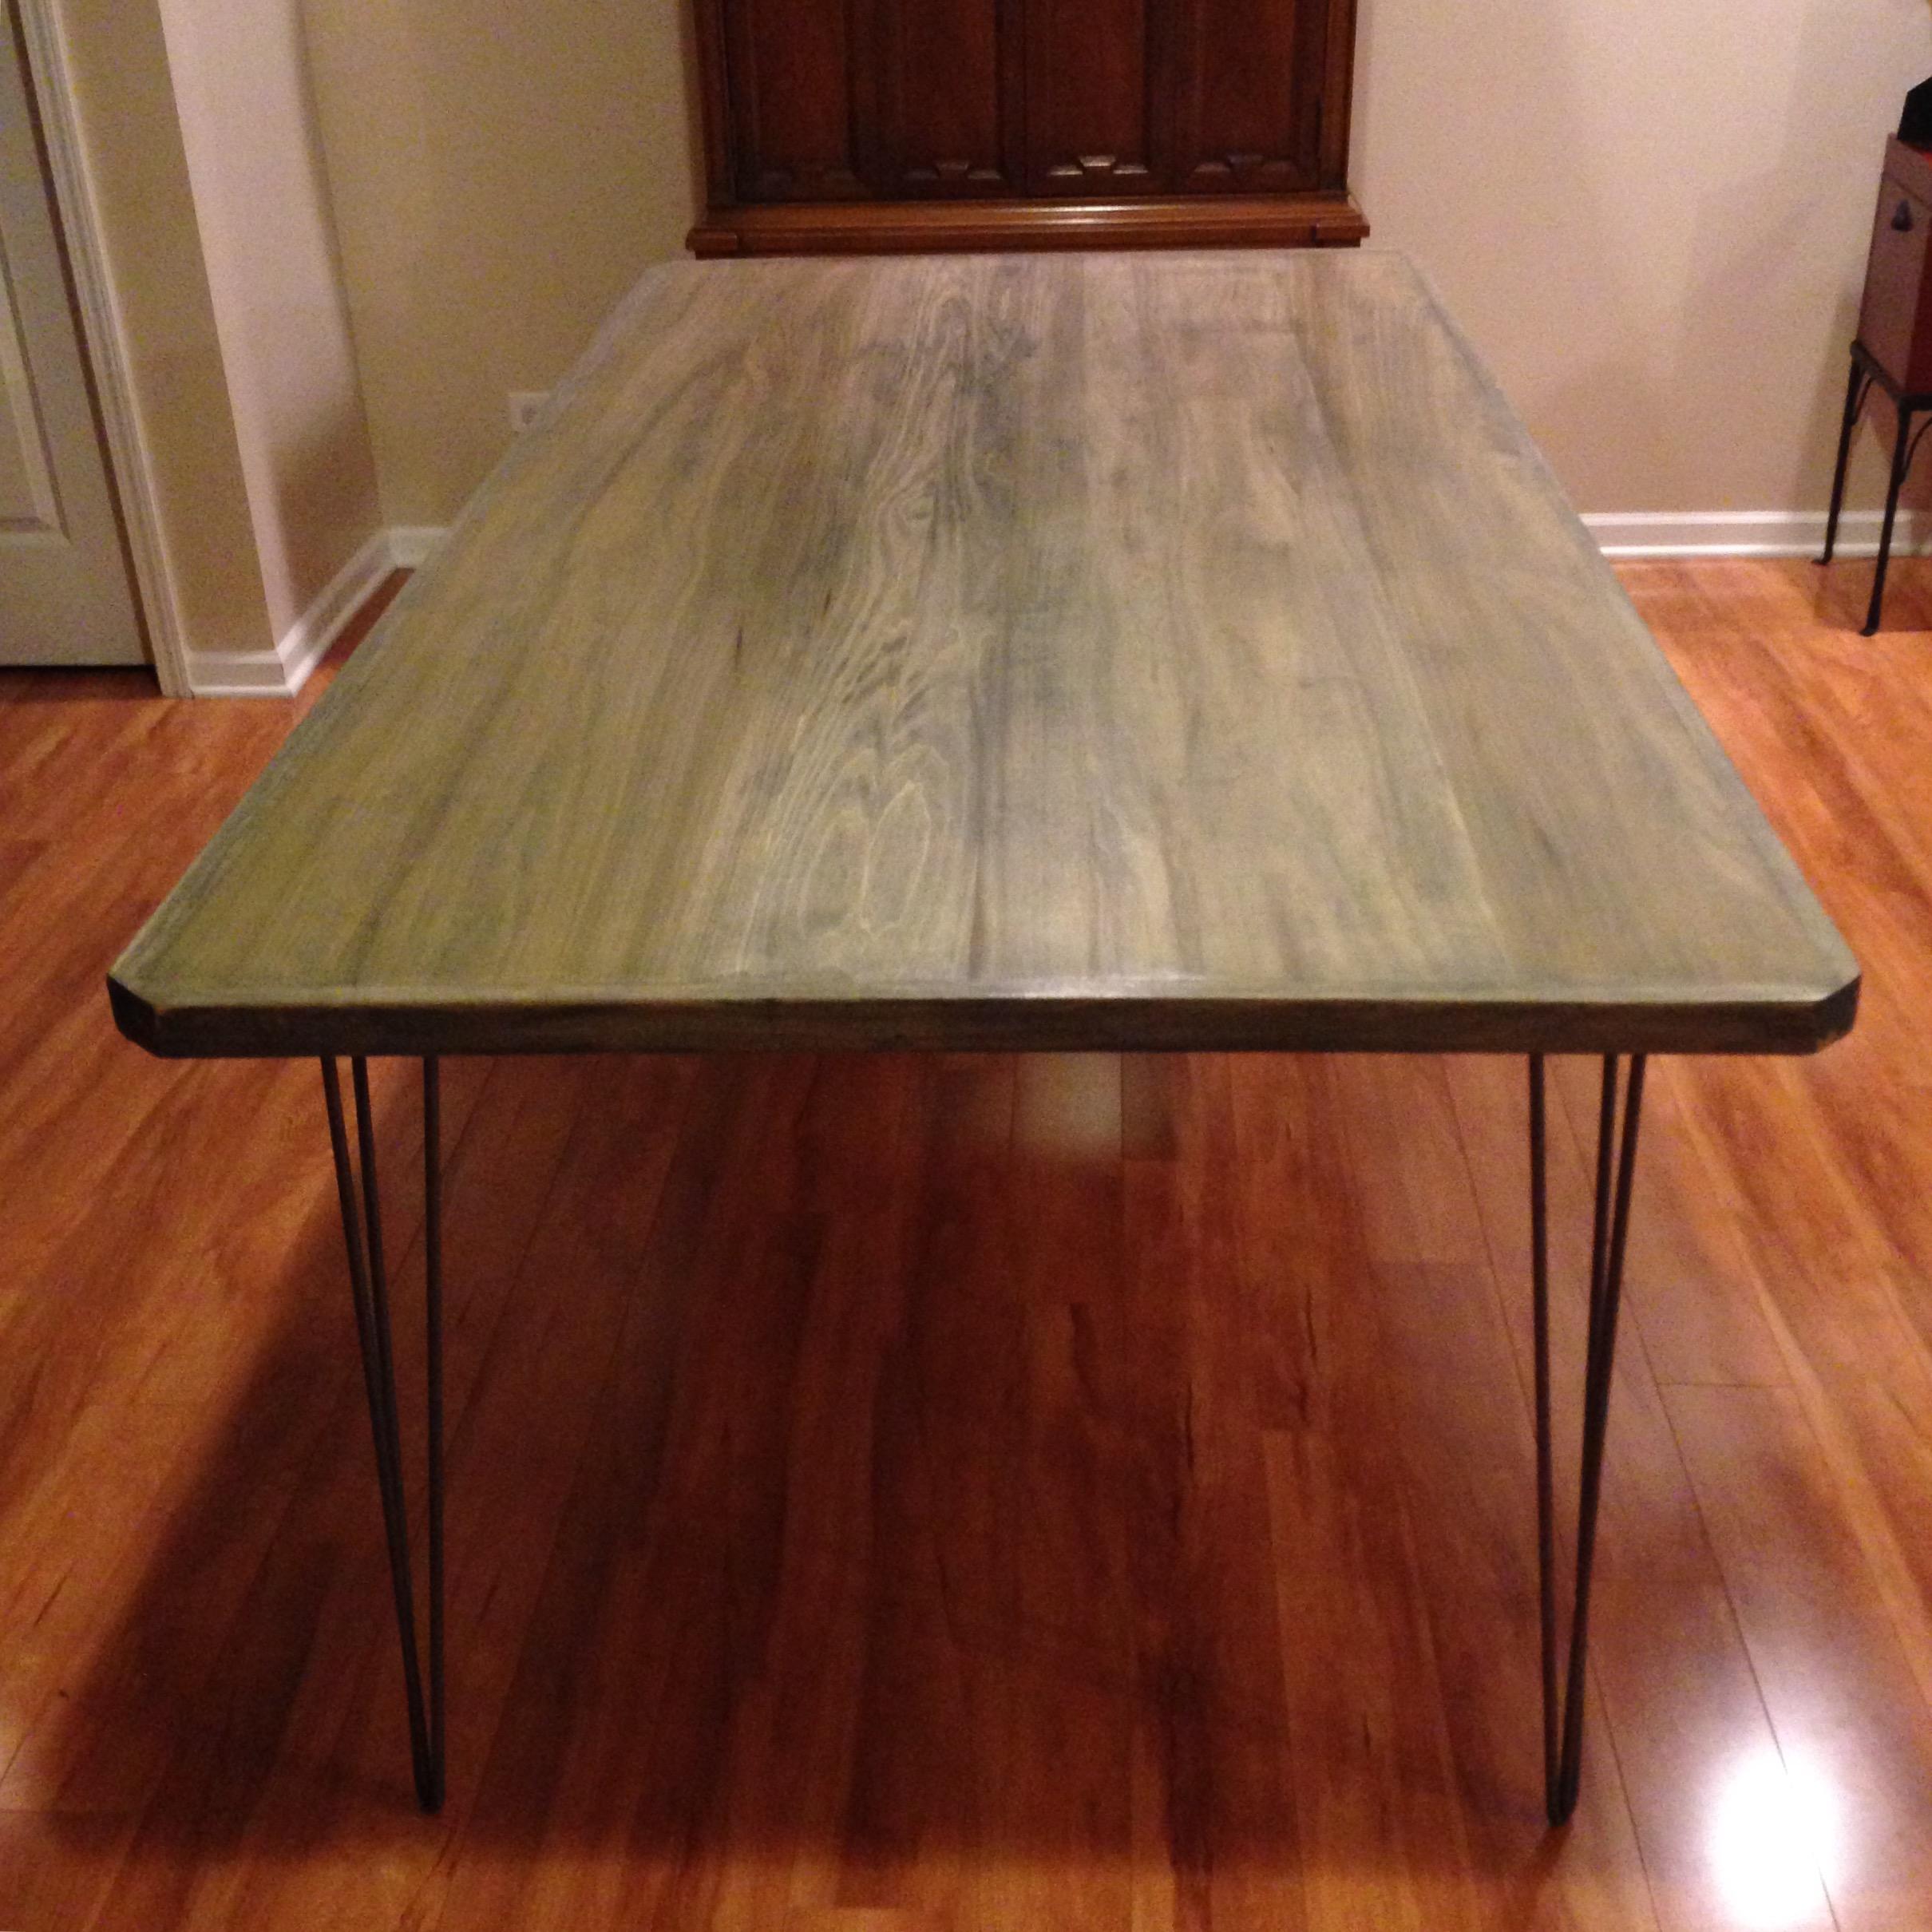 poplar-table-build-9.jpg